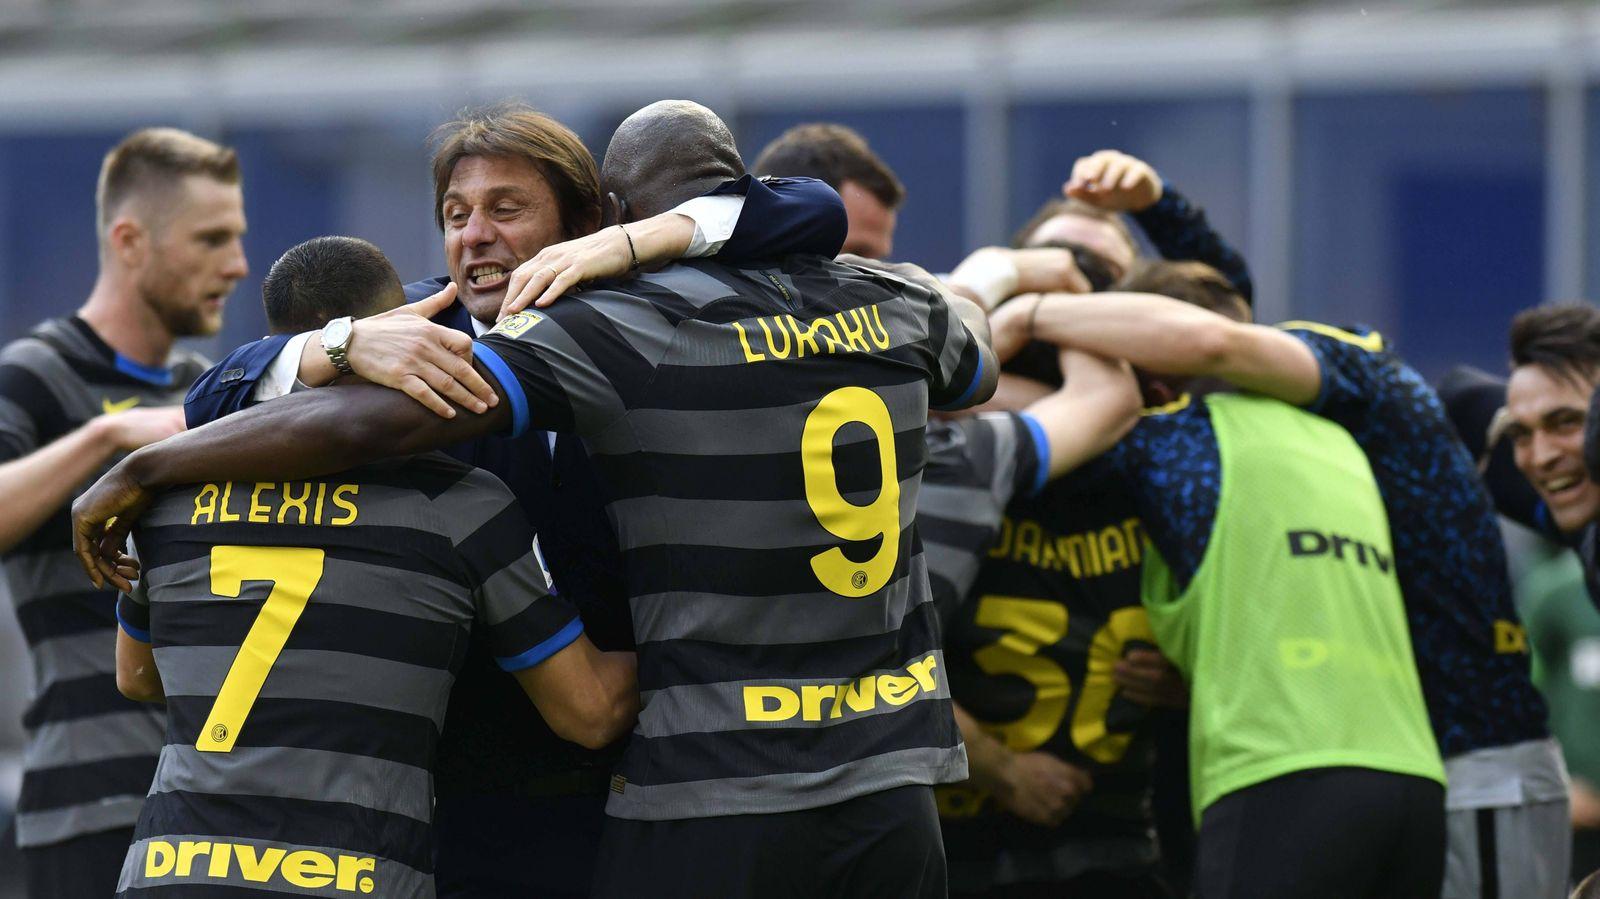 IPP20210425 Football - soccer: Serie A, Inter Mailand - Hellas Verona, Antonio Conte esulta con i giocatori dopo il gol